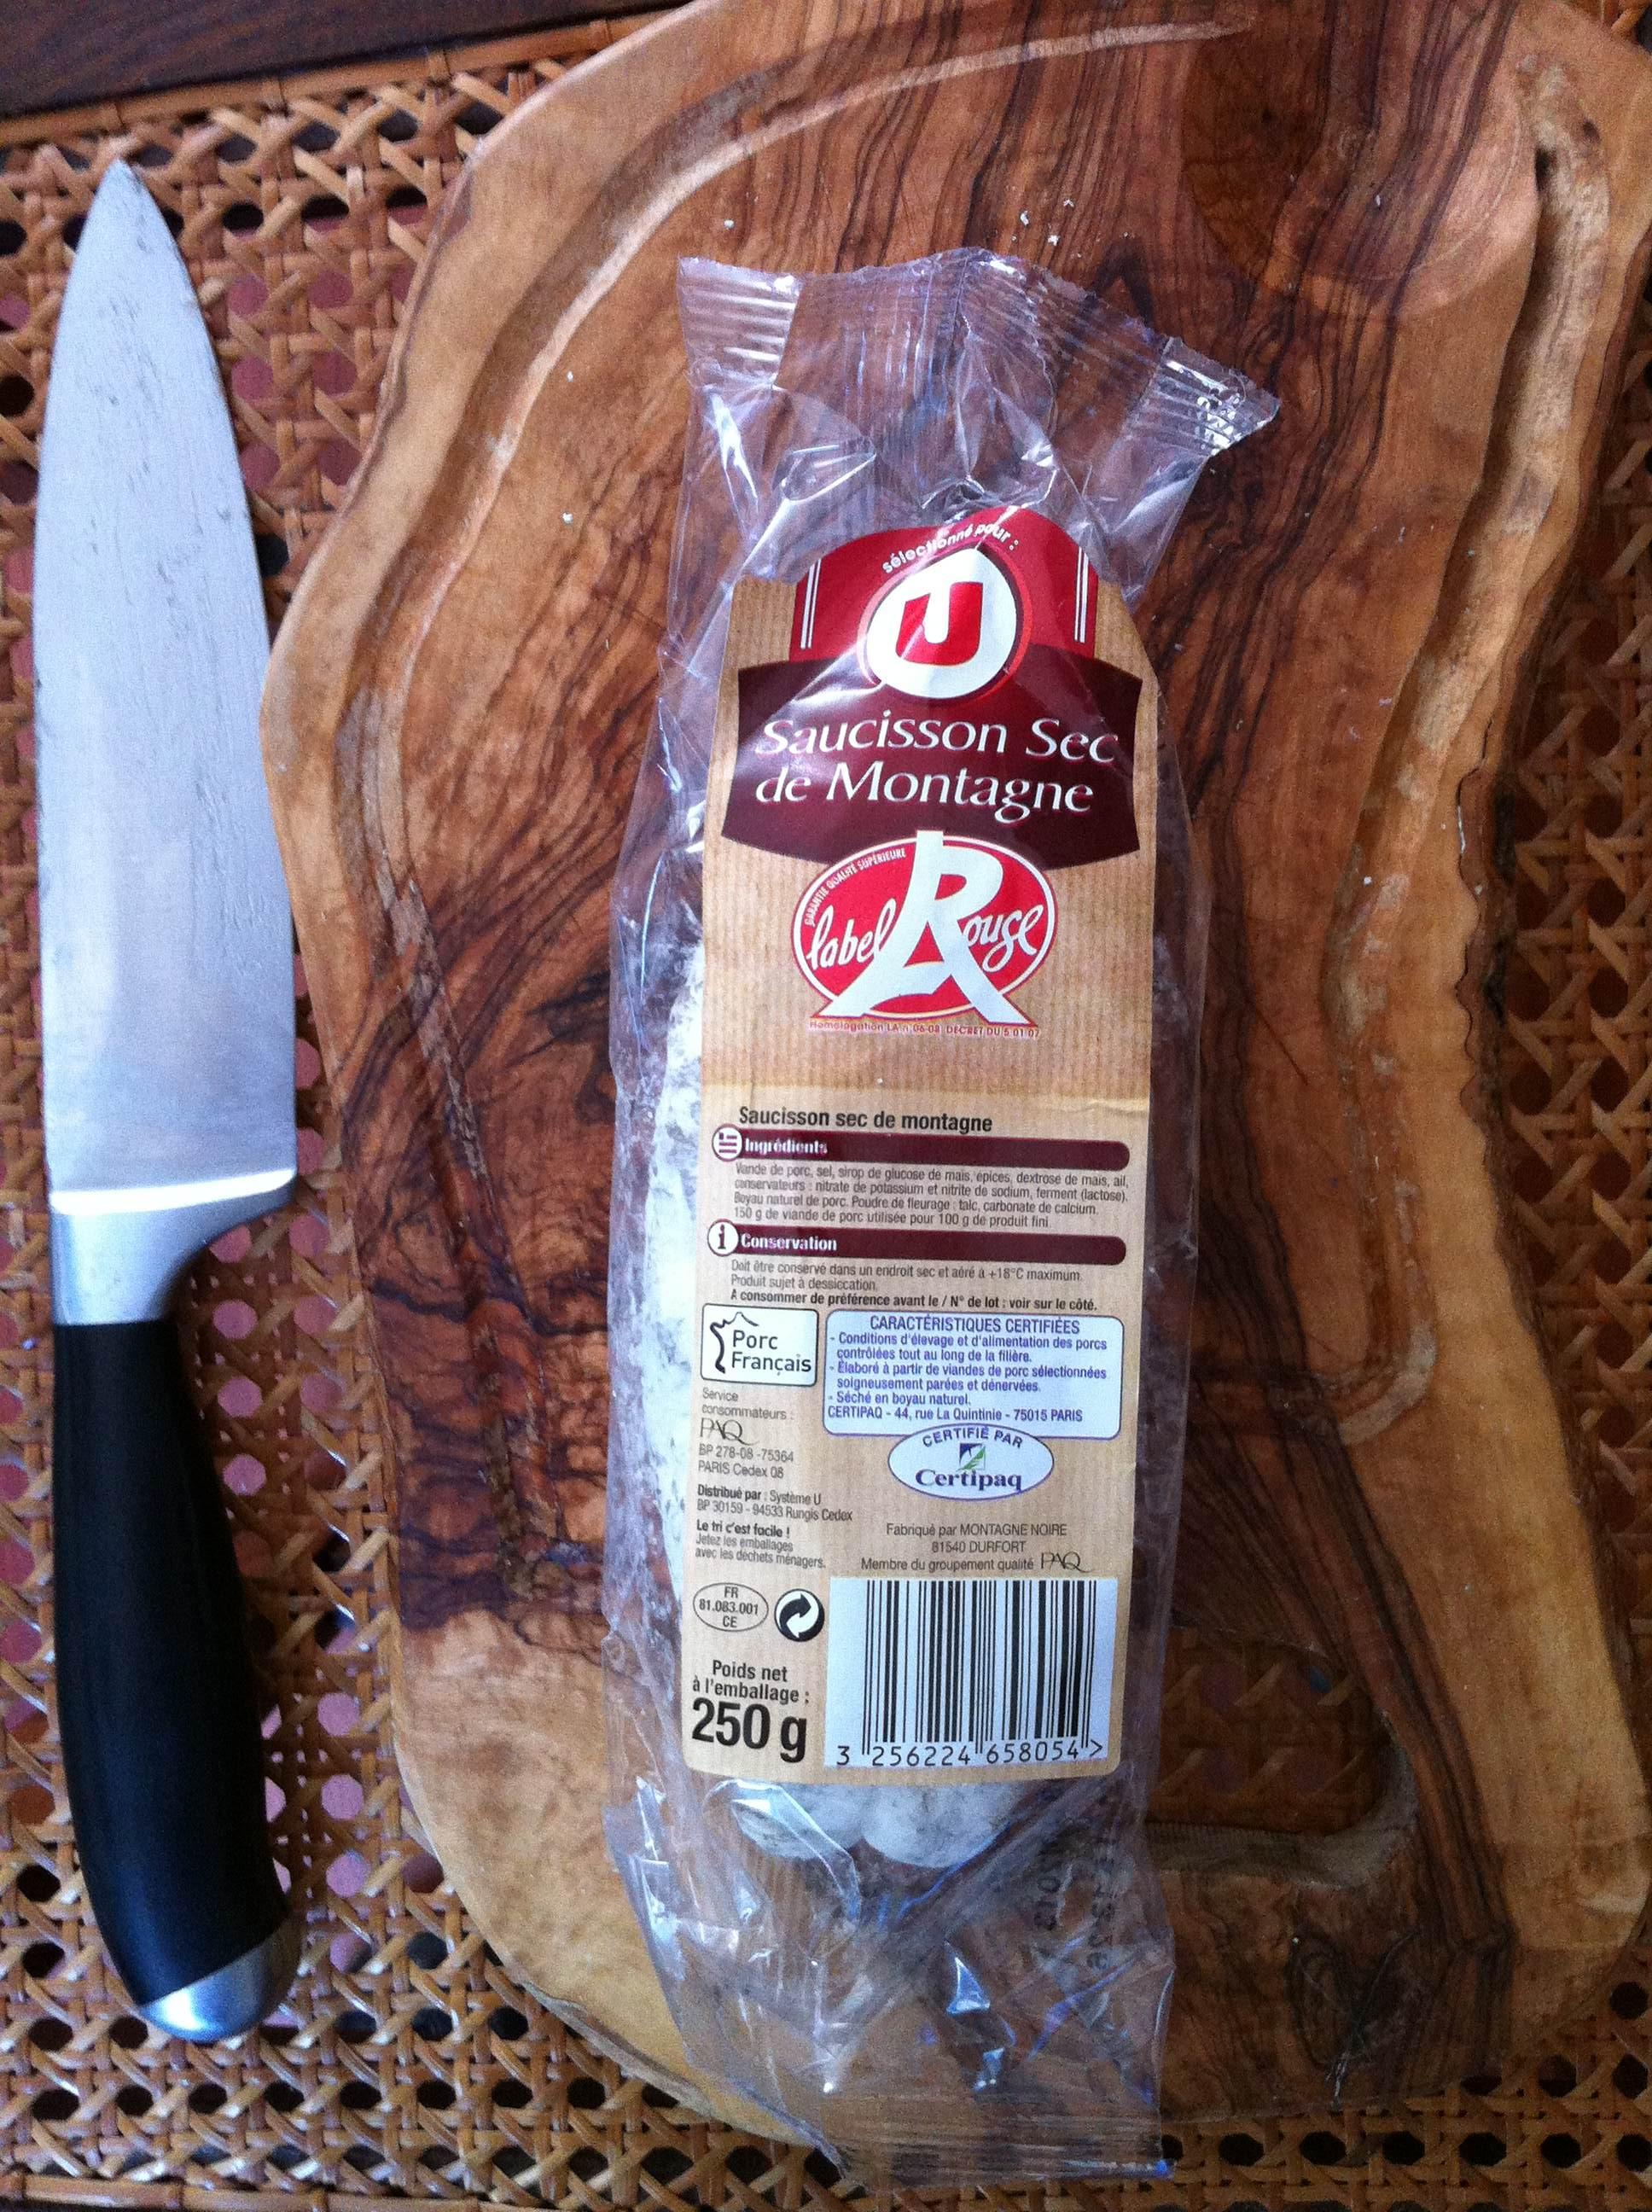 Saucisson sec de montagne U label rouge